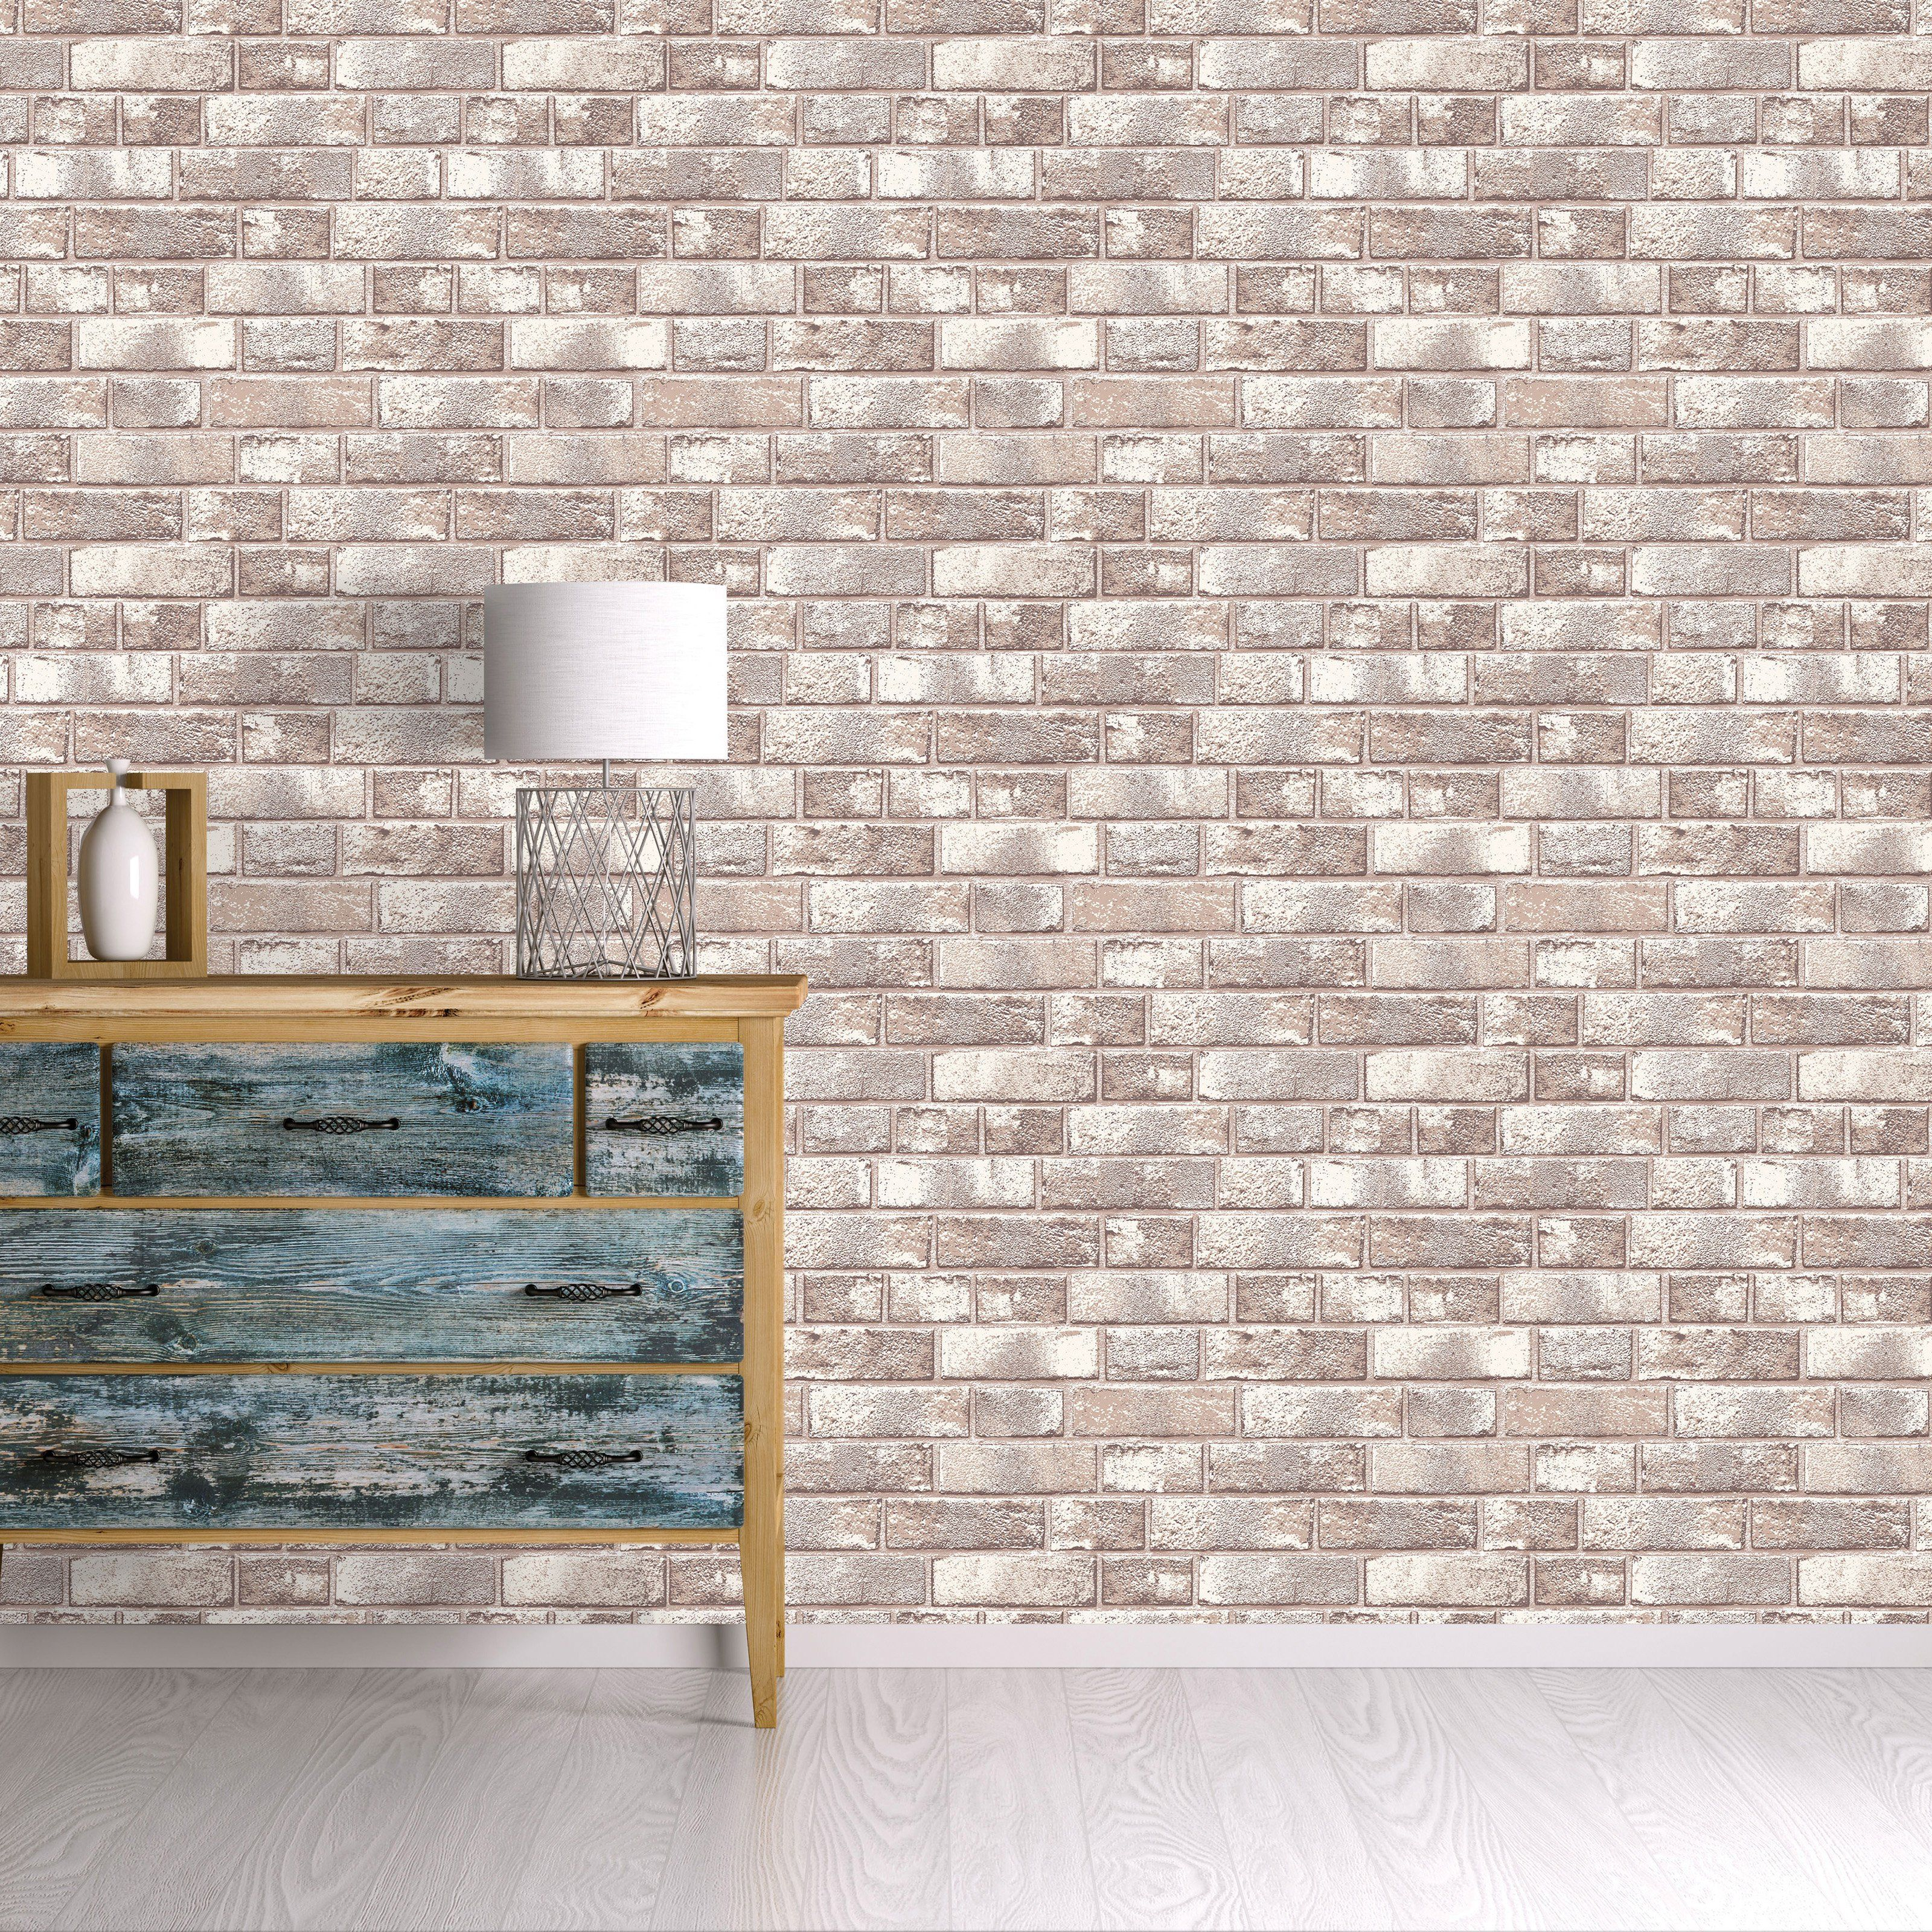 Tempaper Textured Brick Self Adhesive Removable Wallpaper Br523 Removable Brick Wallpaper Textured Brick Wallpaper White Brick Wallpaper